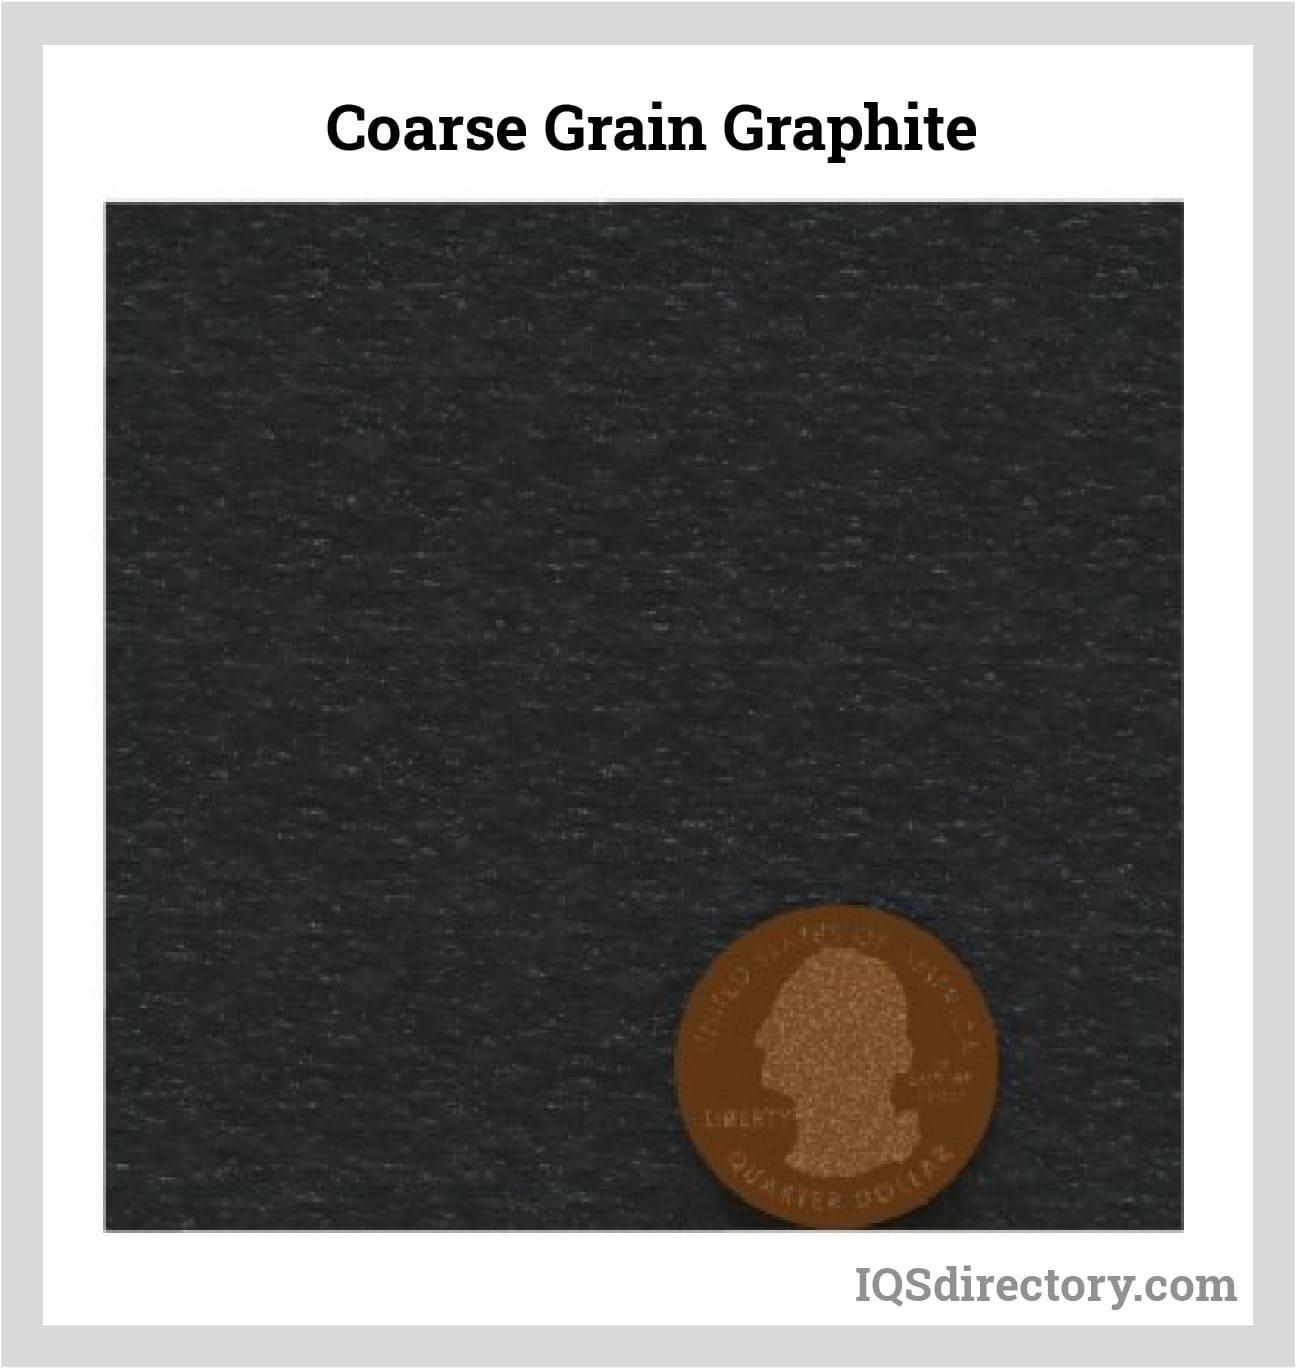 Coarse Grain Graphite